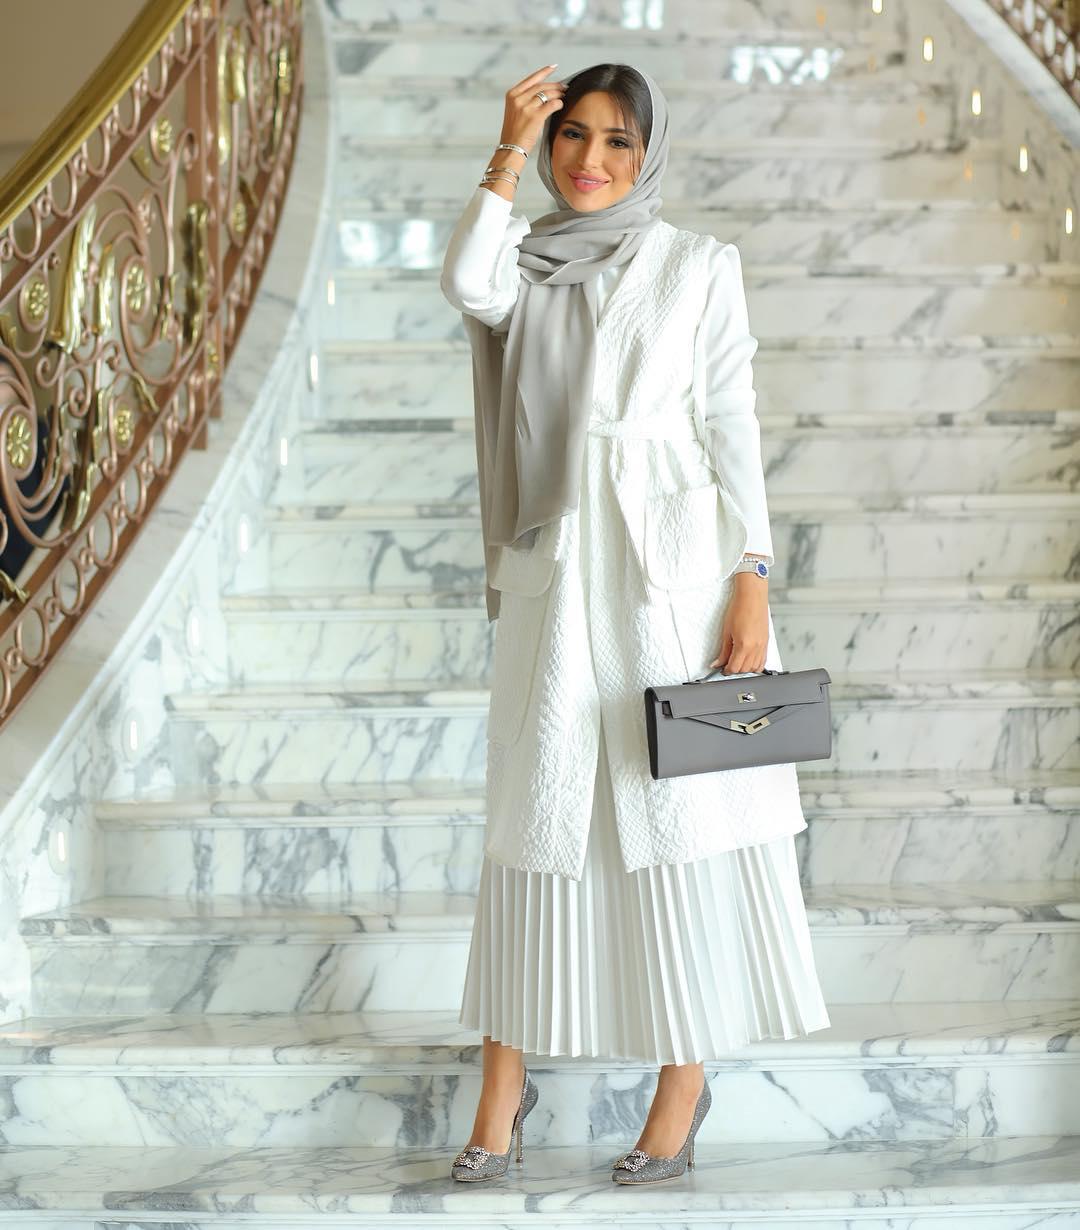 اطلالة مونوكروم باللون الأبيض من وحي المدونة المحجبة فاطمة حسام